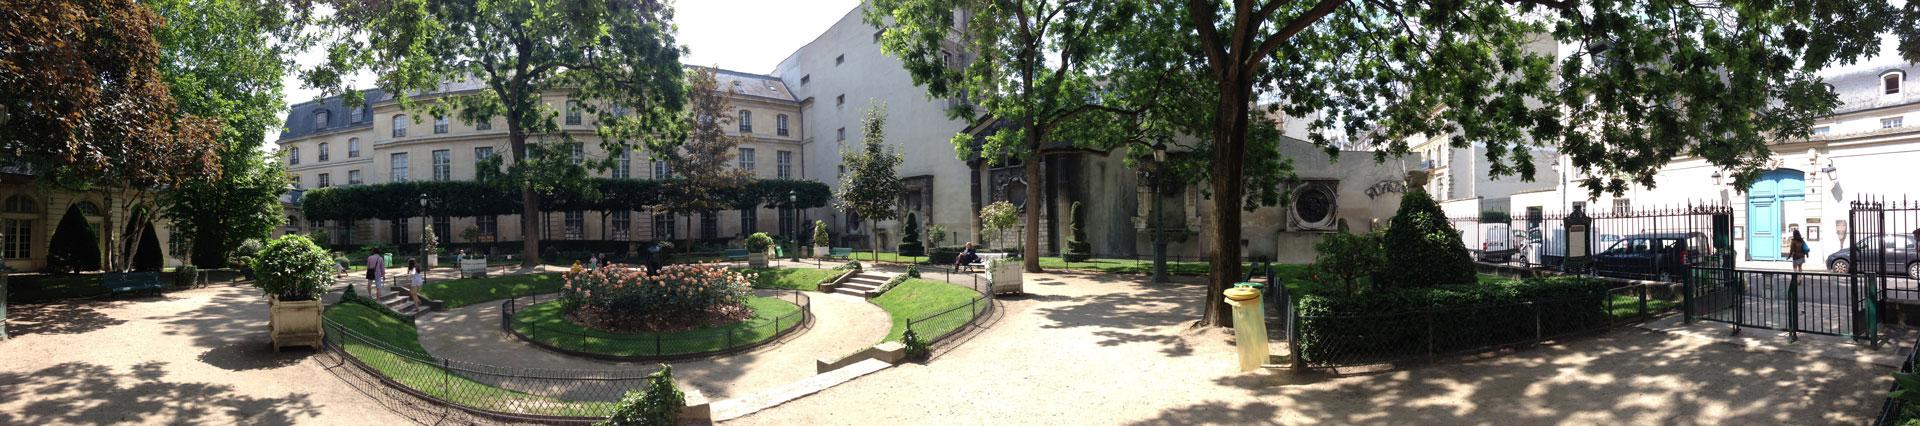 Le square Georges Cain, Paris, 07 2013. Ph. Moctar KANE.